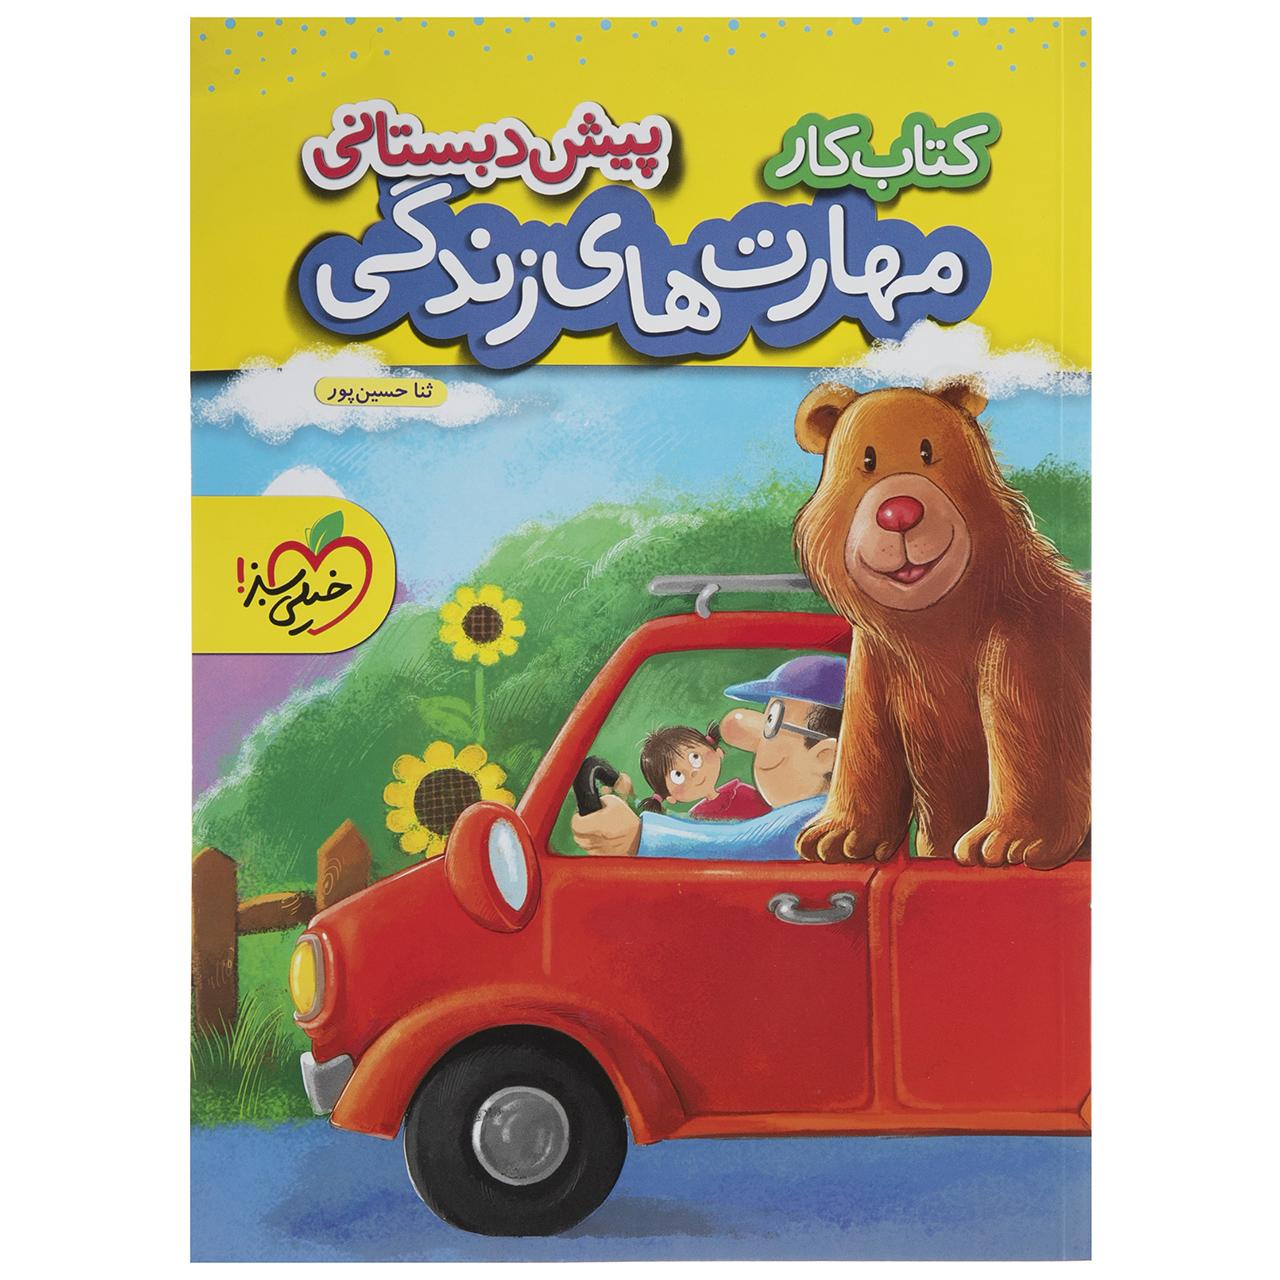 کتاب کار مهارت های زندگی پیش دبستانی اثر ثنا حسین پور              پرفروش